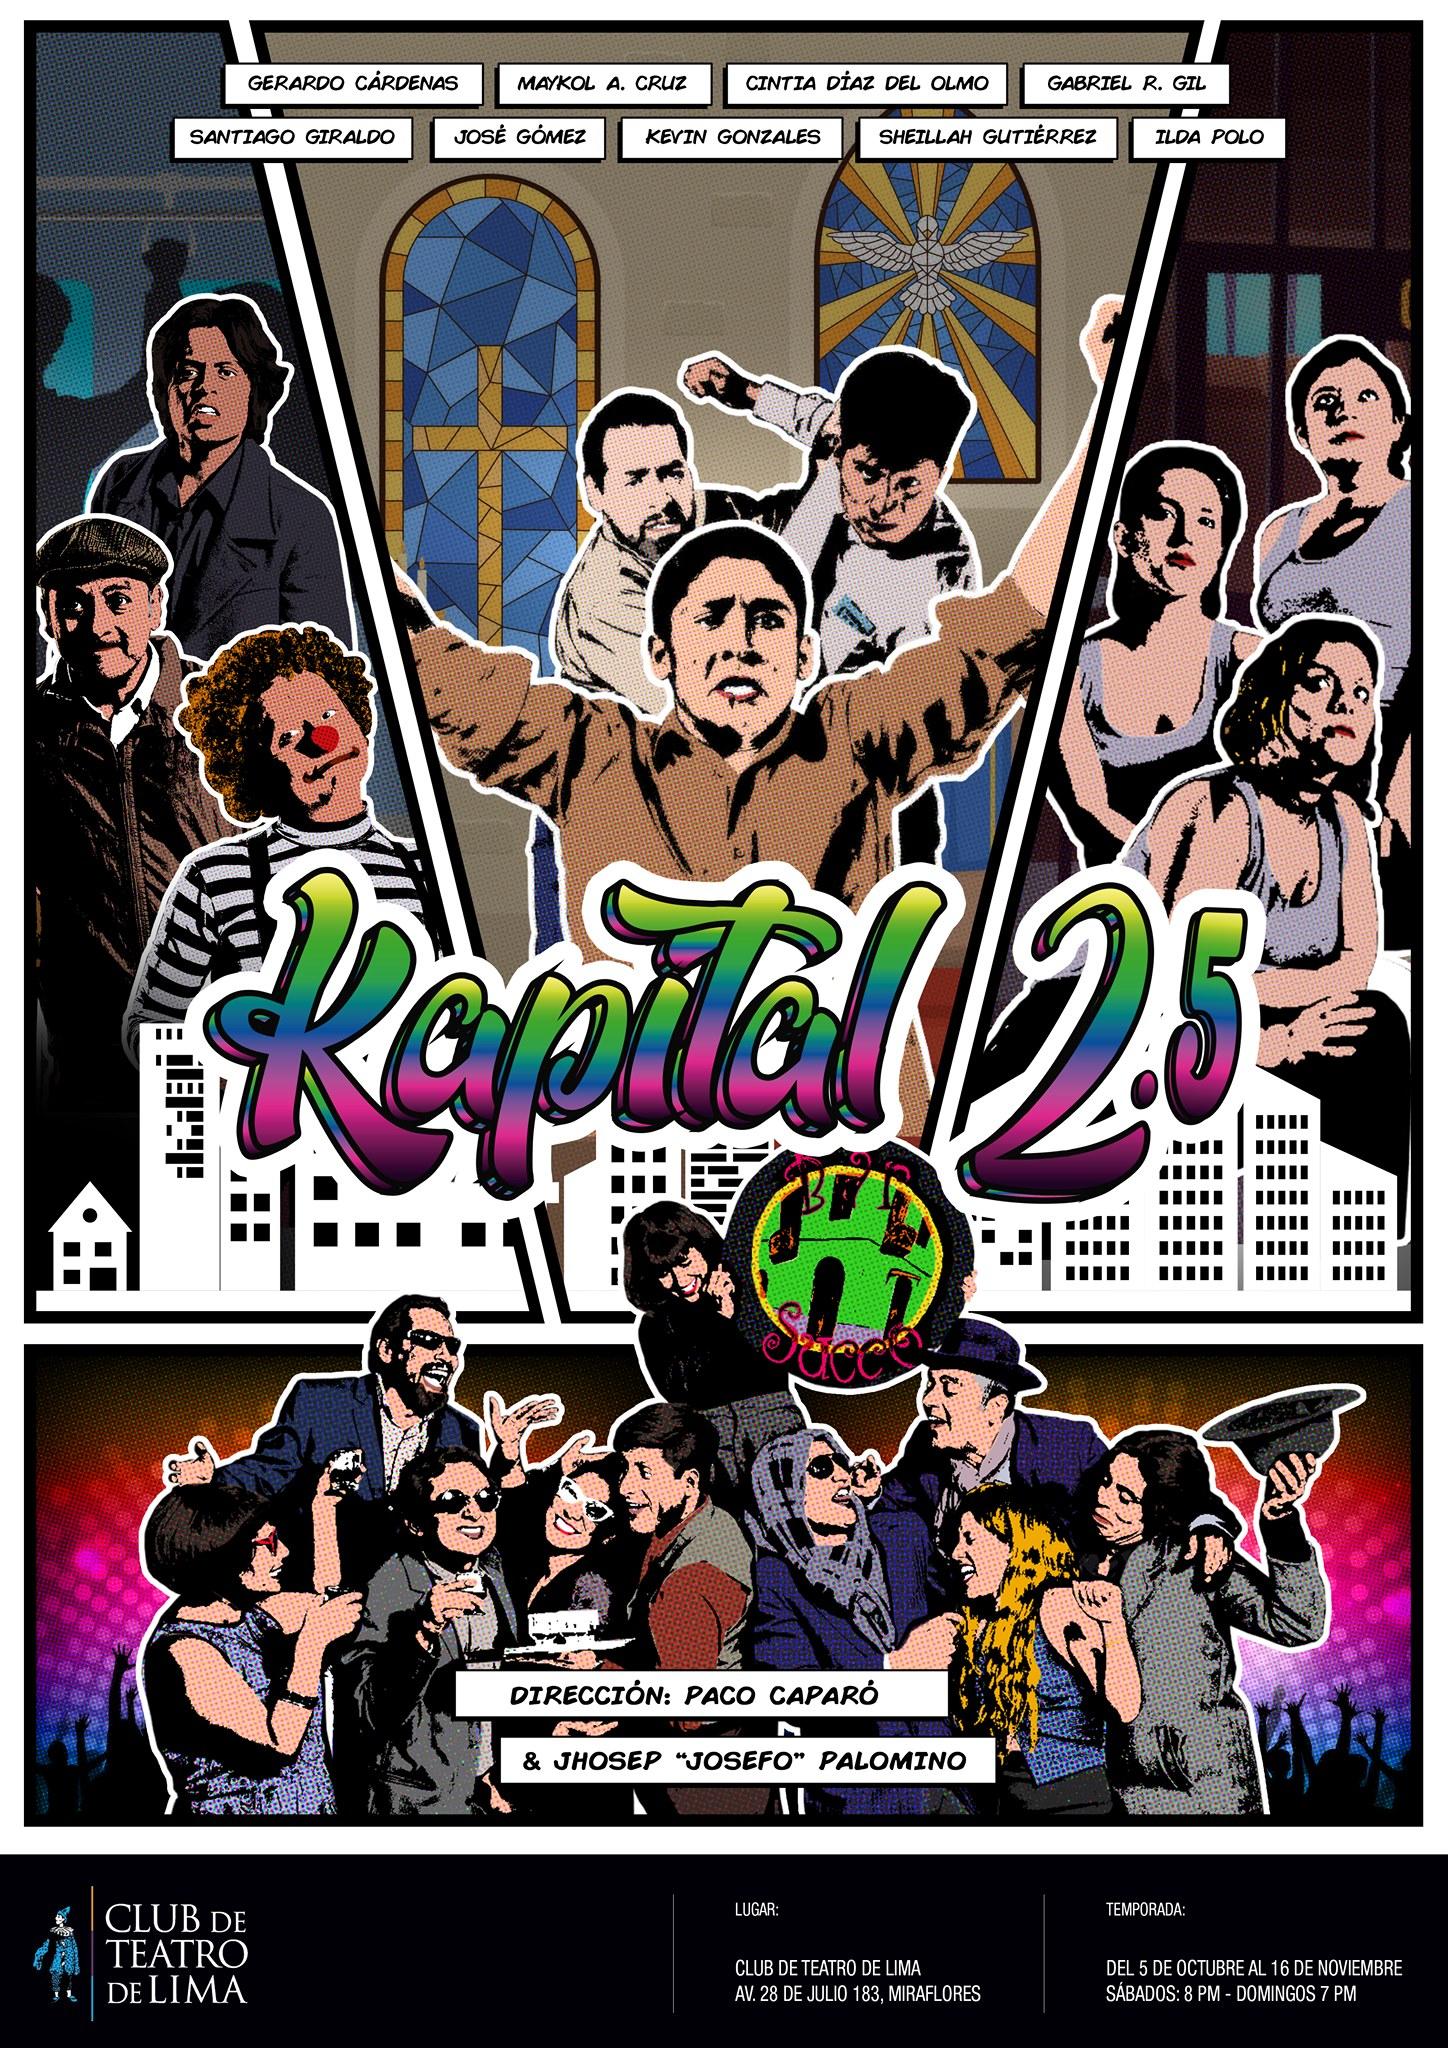 Obra de Teatro Kapital 2.5 se presenta en el Club de Teatro de Lima en Miraflores